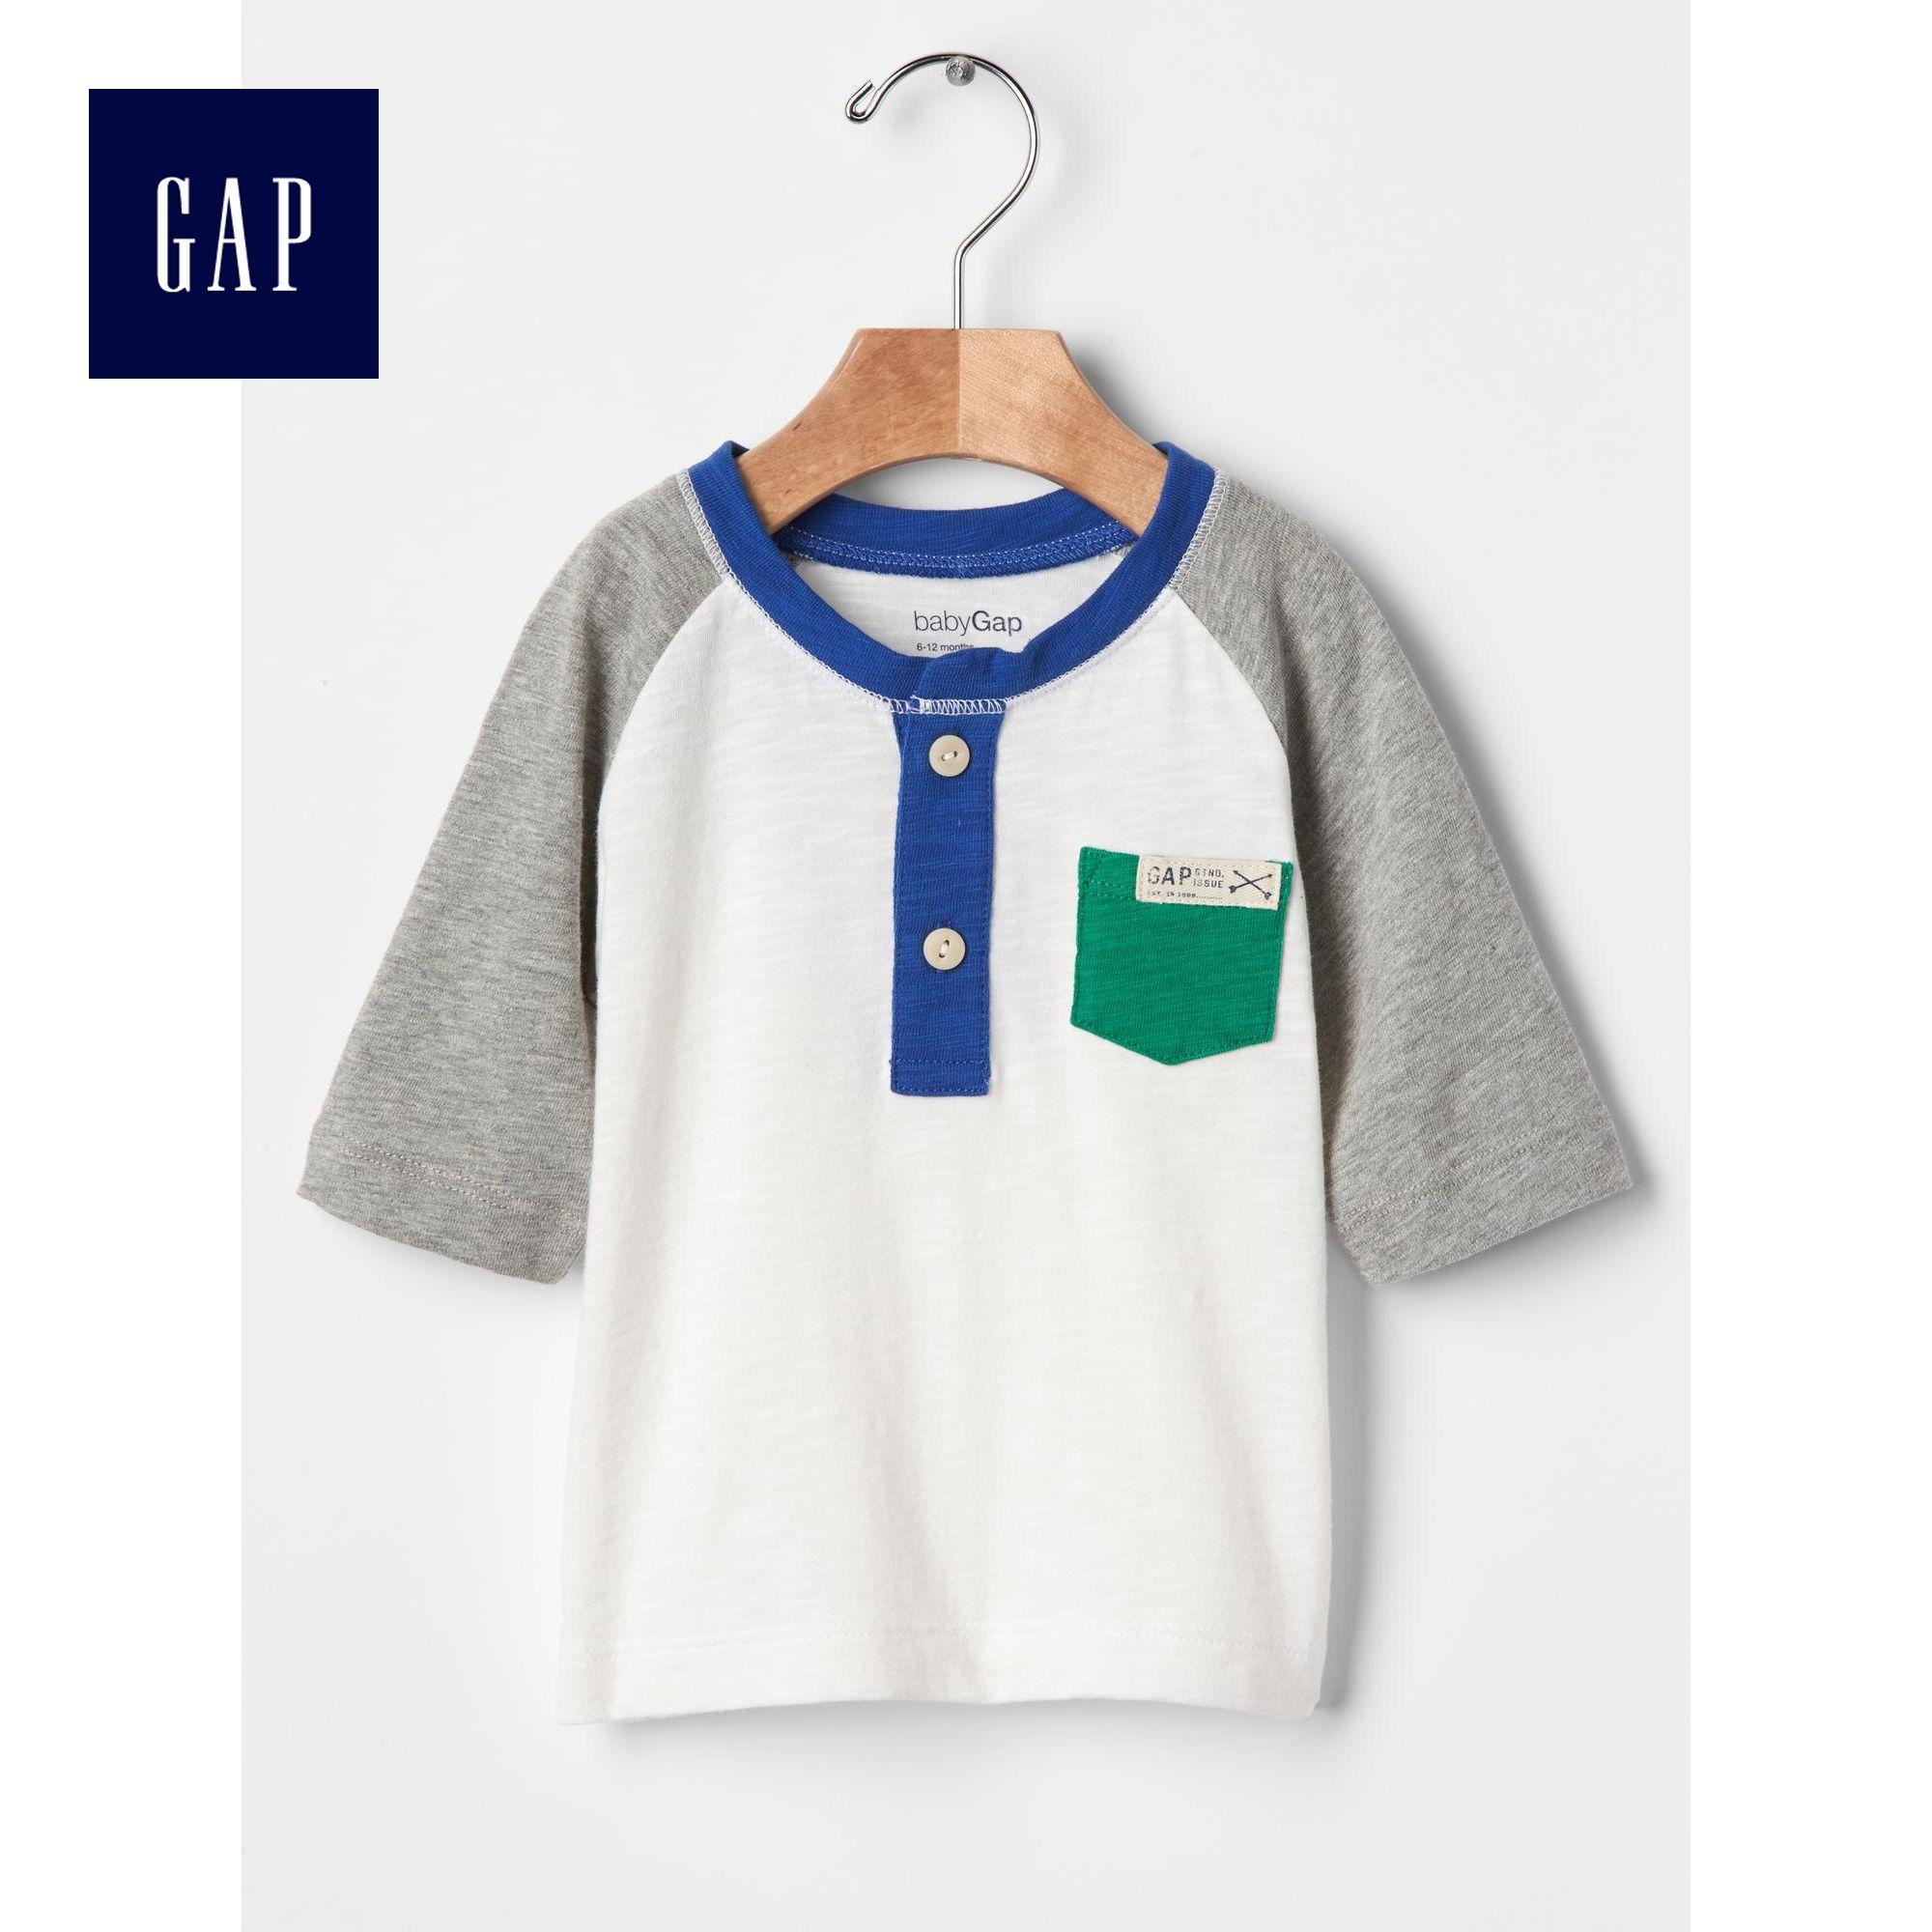 Gap男嬰兒 活力拚接 亨利領短袖T恤231115